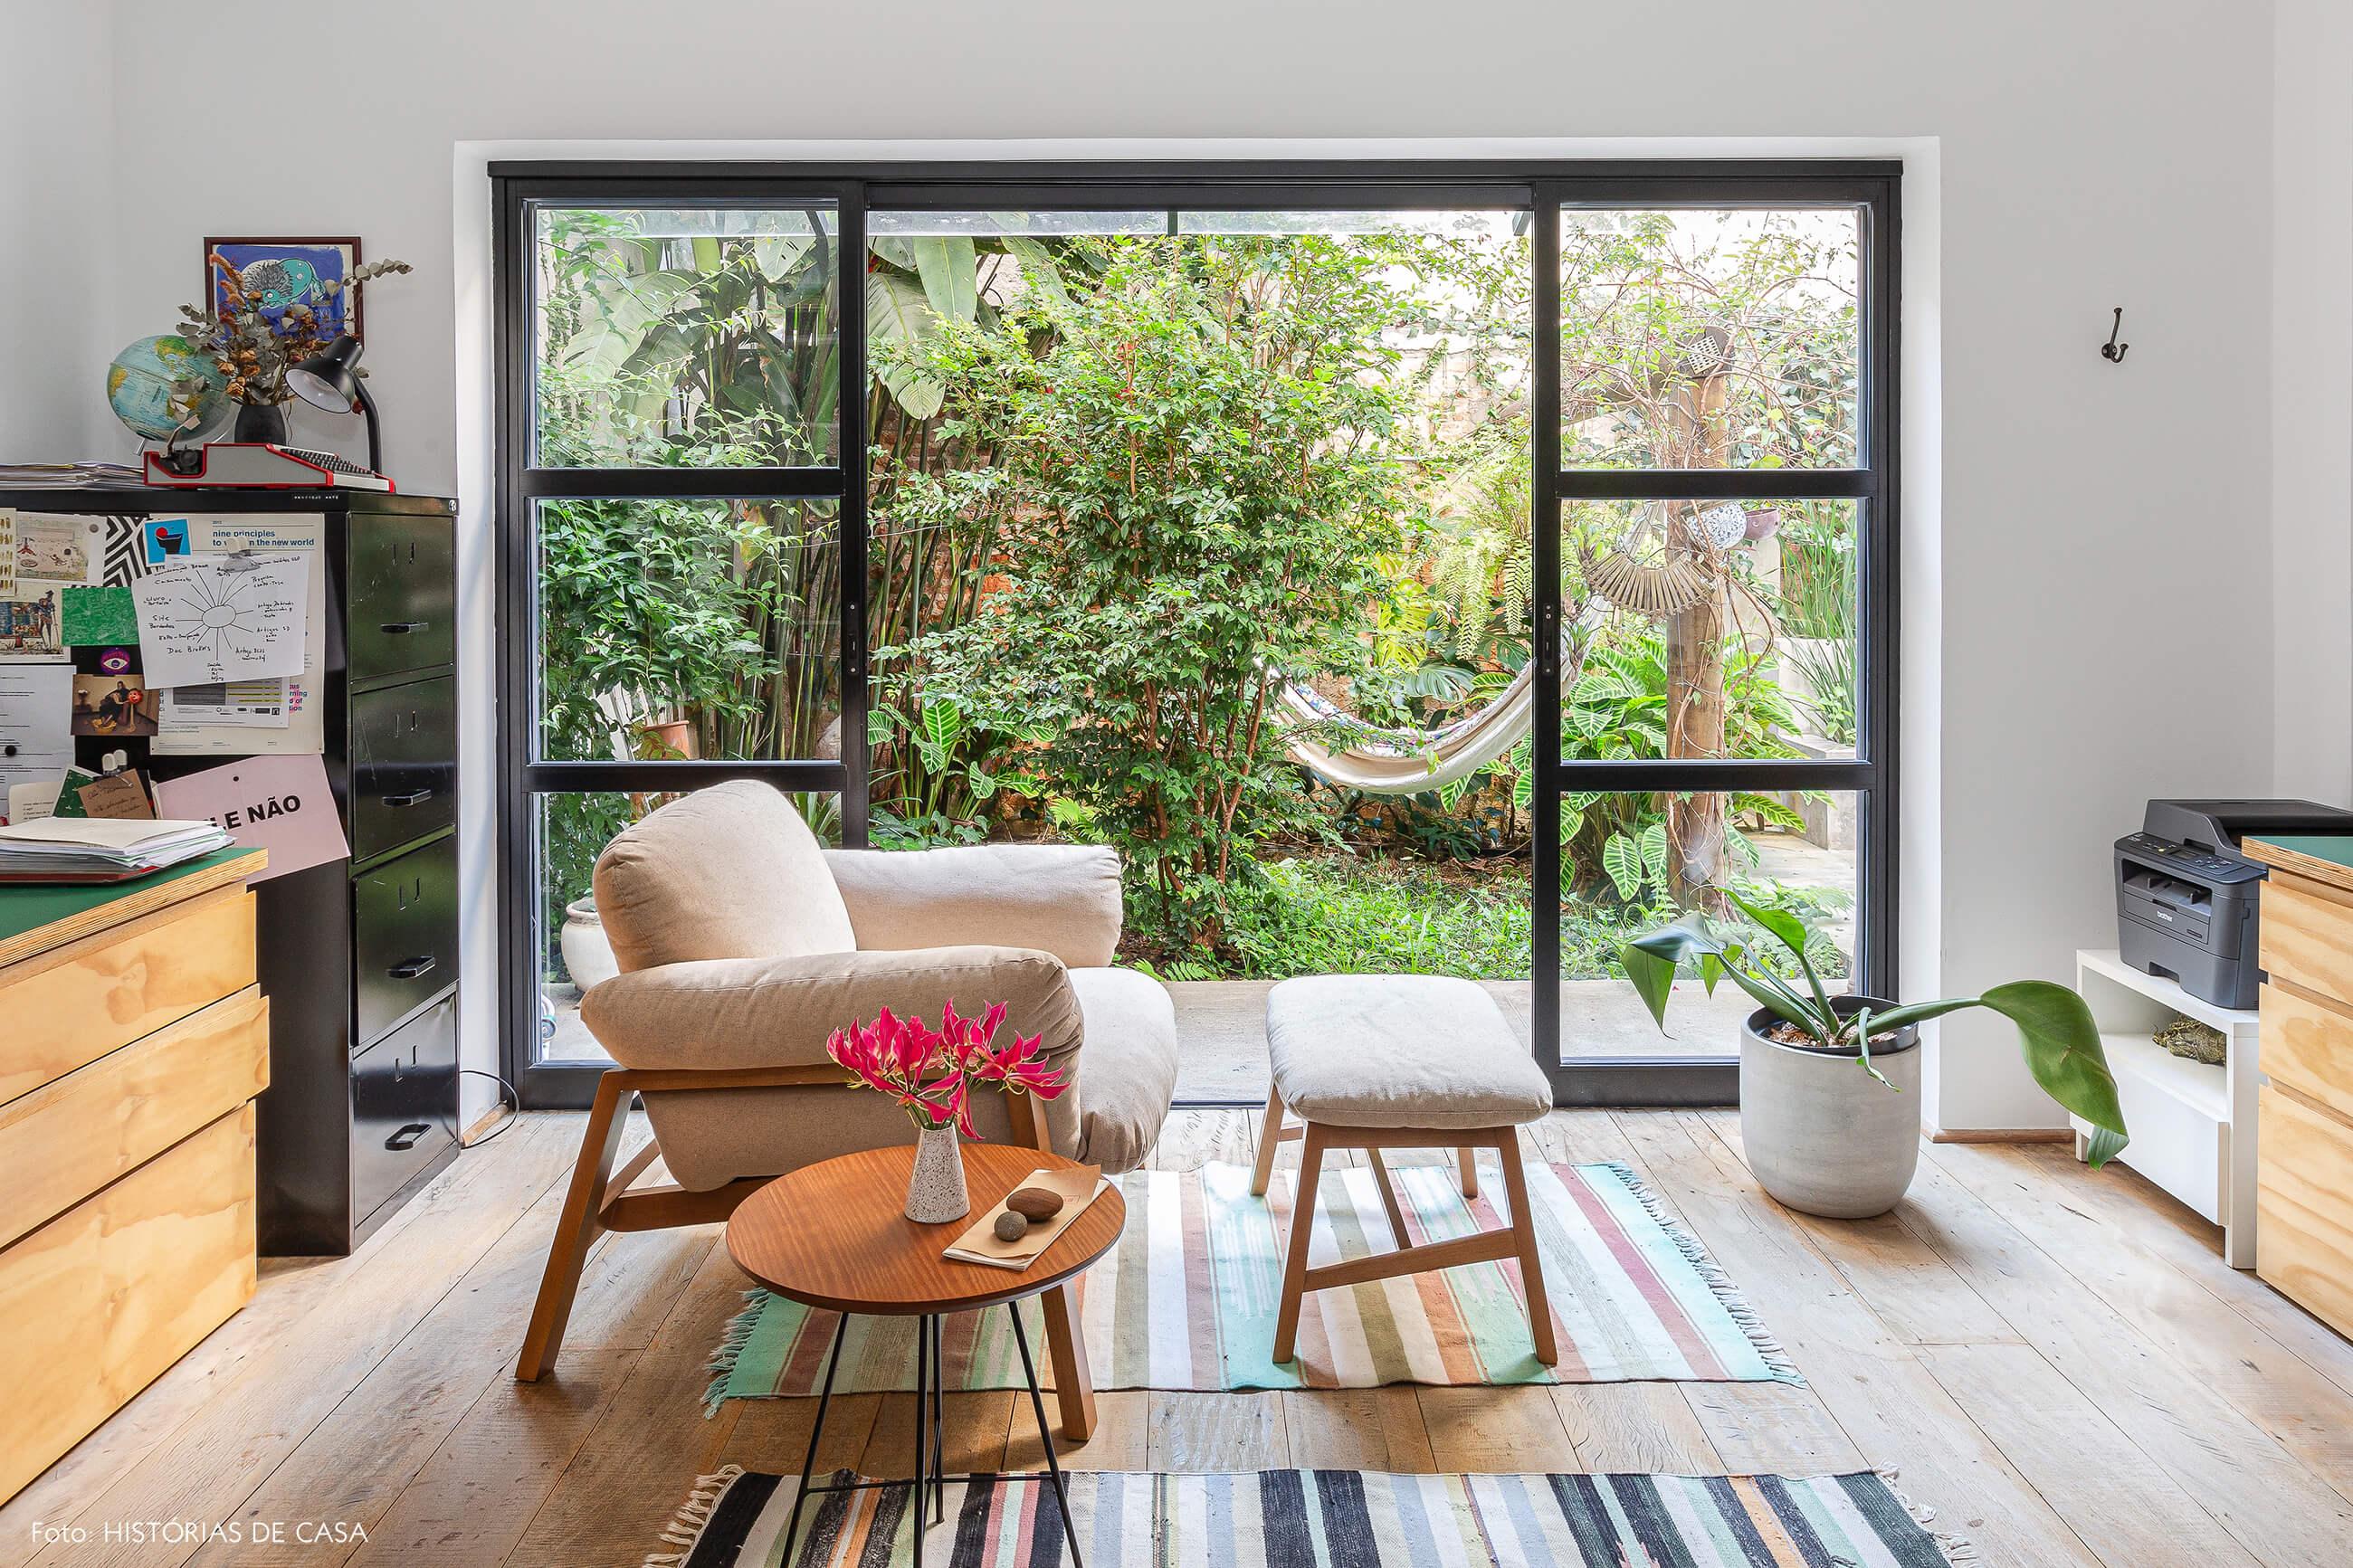 Apartamento térreo com vista para o jardim